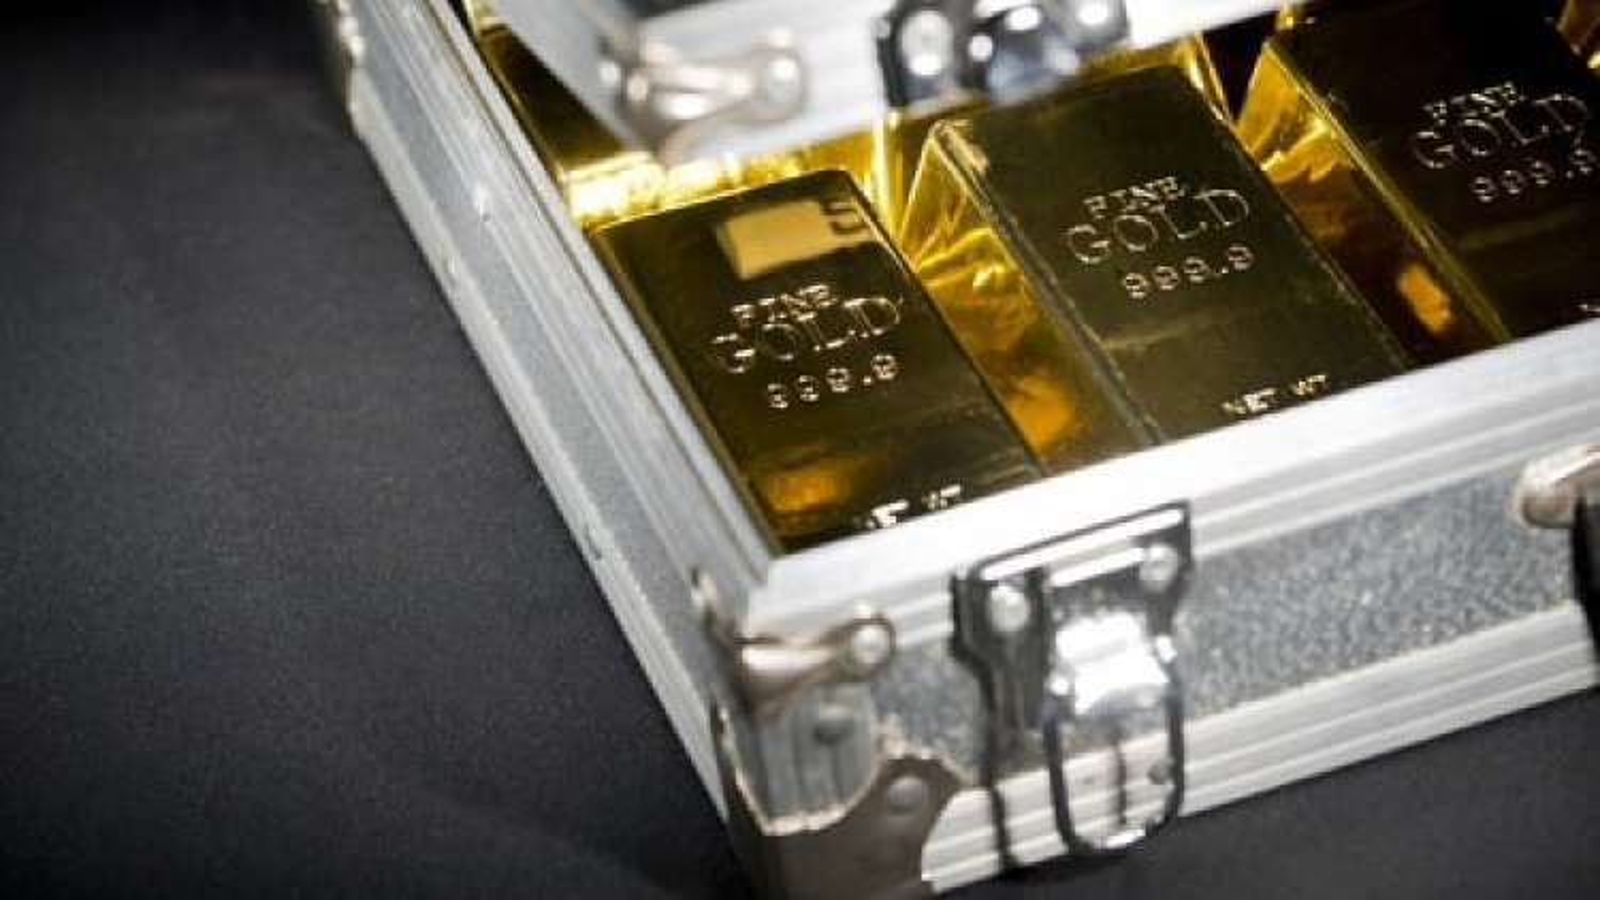 Giá vàng tiếp tục xu hướng tăng đến mục tiêu 1.900 USD/oz